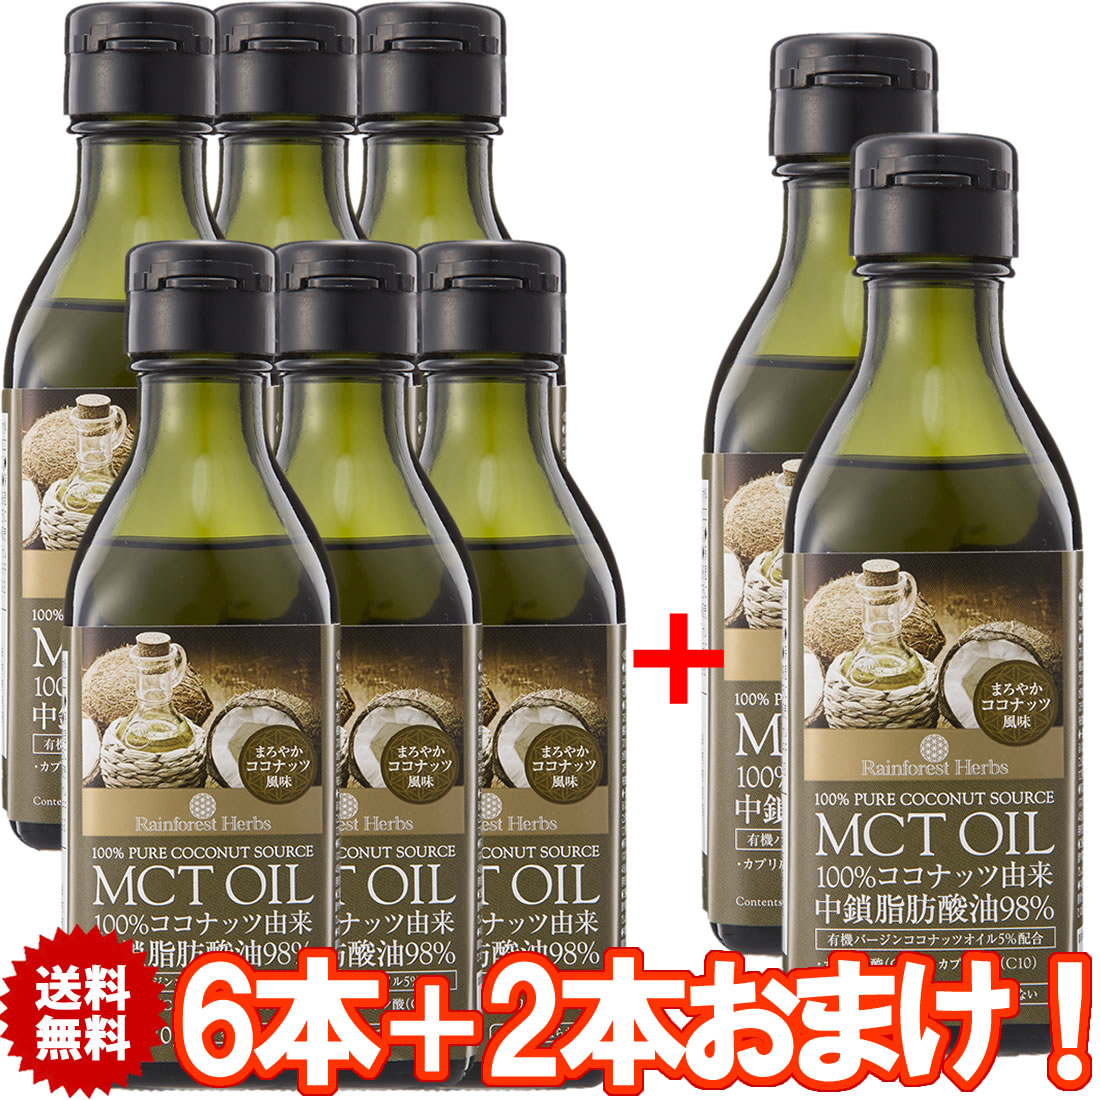 2本おまけキャンペーン!日本で充填 中鎖脂肪酸のみを抽出したサプリメントの様な高機能オイルココナッツ風味 MCTオイルダイエット 完全無欠コーヒー 【スーパーセールP10倍】2本おまけ MCTオイル ココナッツ由来100% 170g 6本+1本 MCT オイル タイ産 ケトン体 ダイエット 中鎖脂肪酸 バターコーヒー 糖質制限 スーパーSALE割引